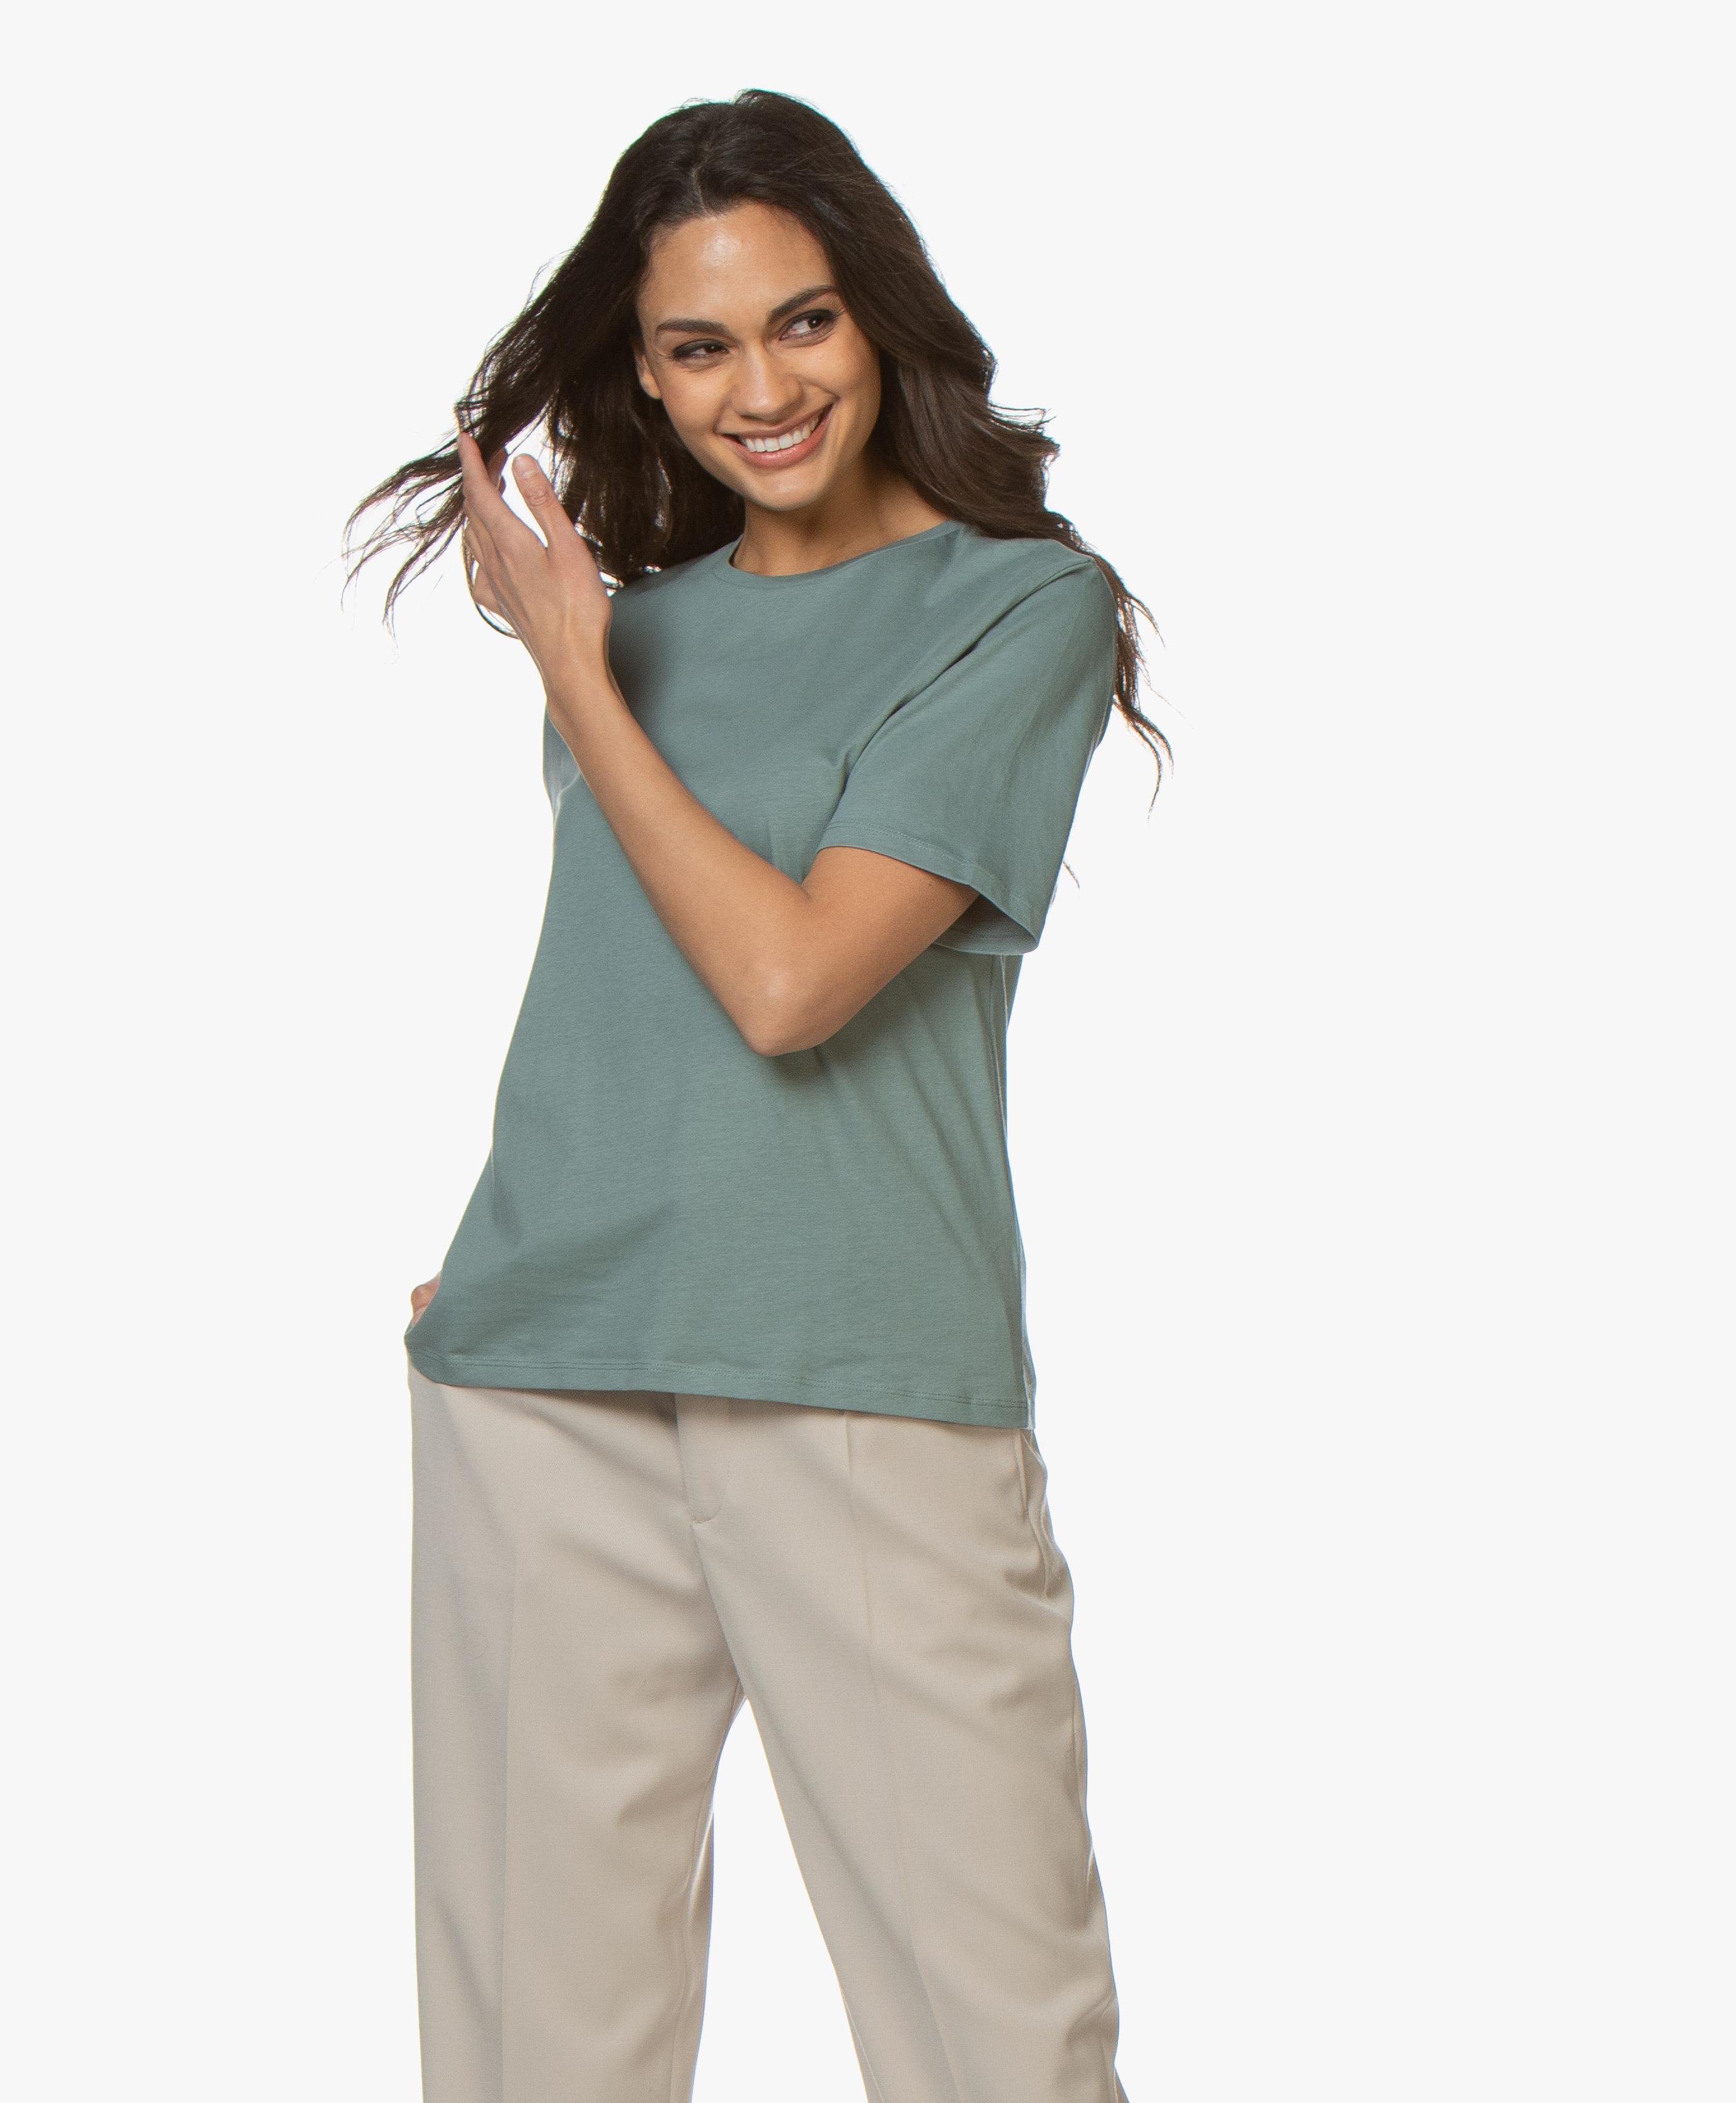 Filippa K Annie Organic Cotton T shirt Mint Powder 25876